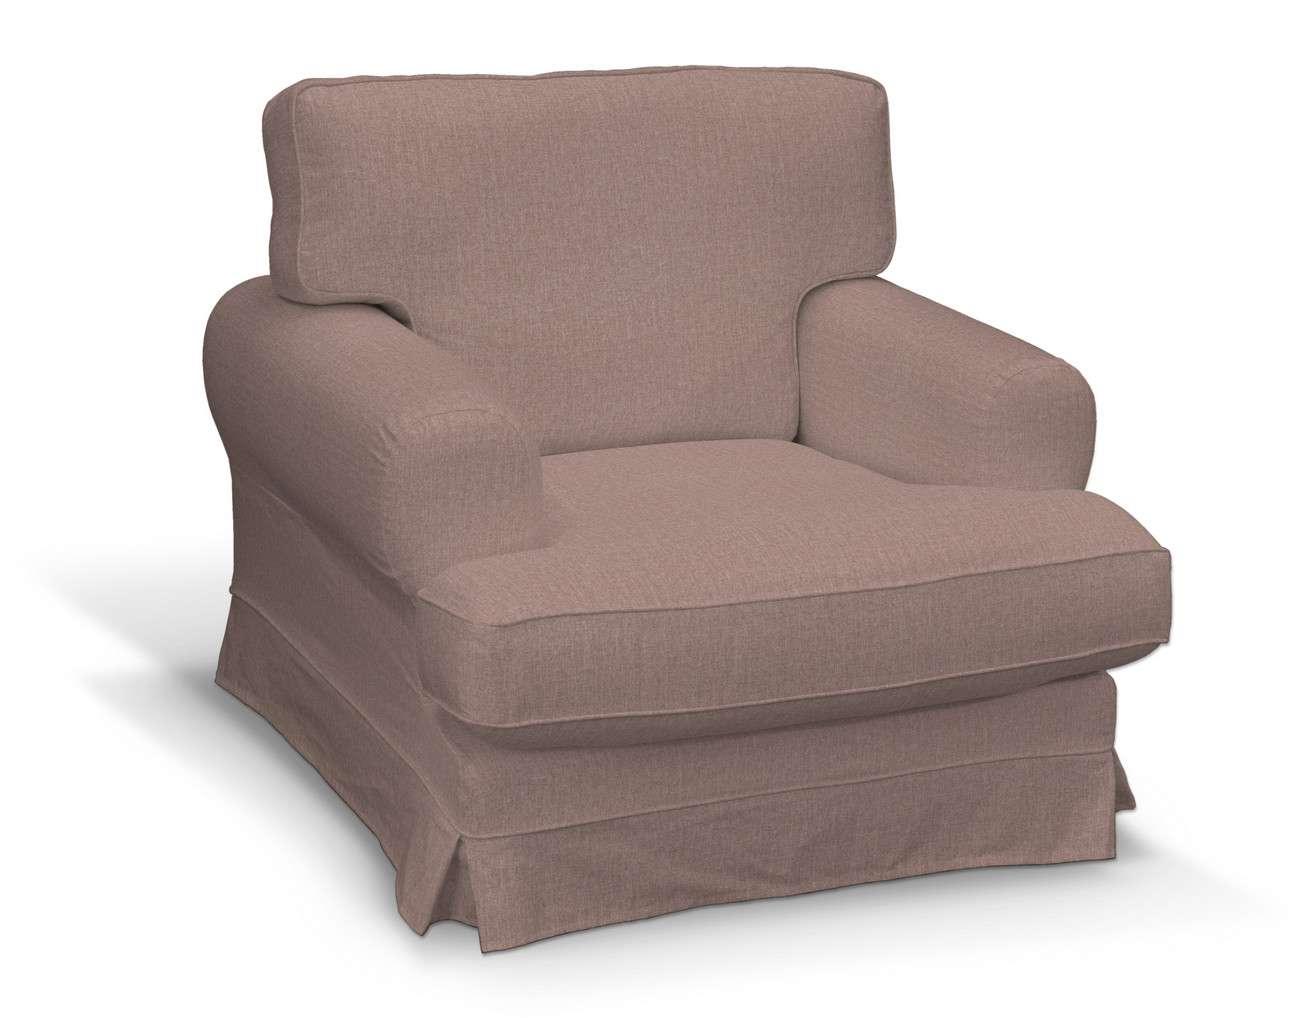 Pokrowiec na fotel Ekeskog w kolekcji City, tkanina: 704-83